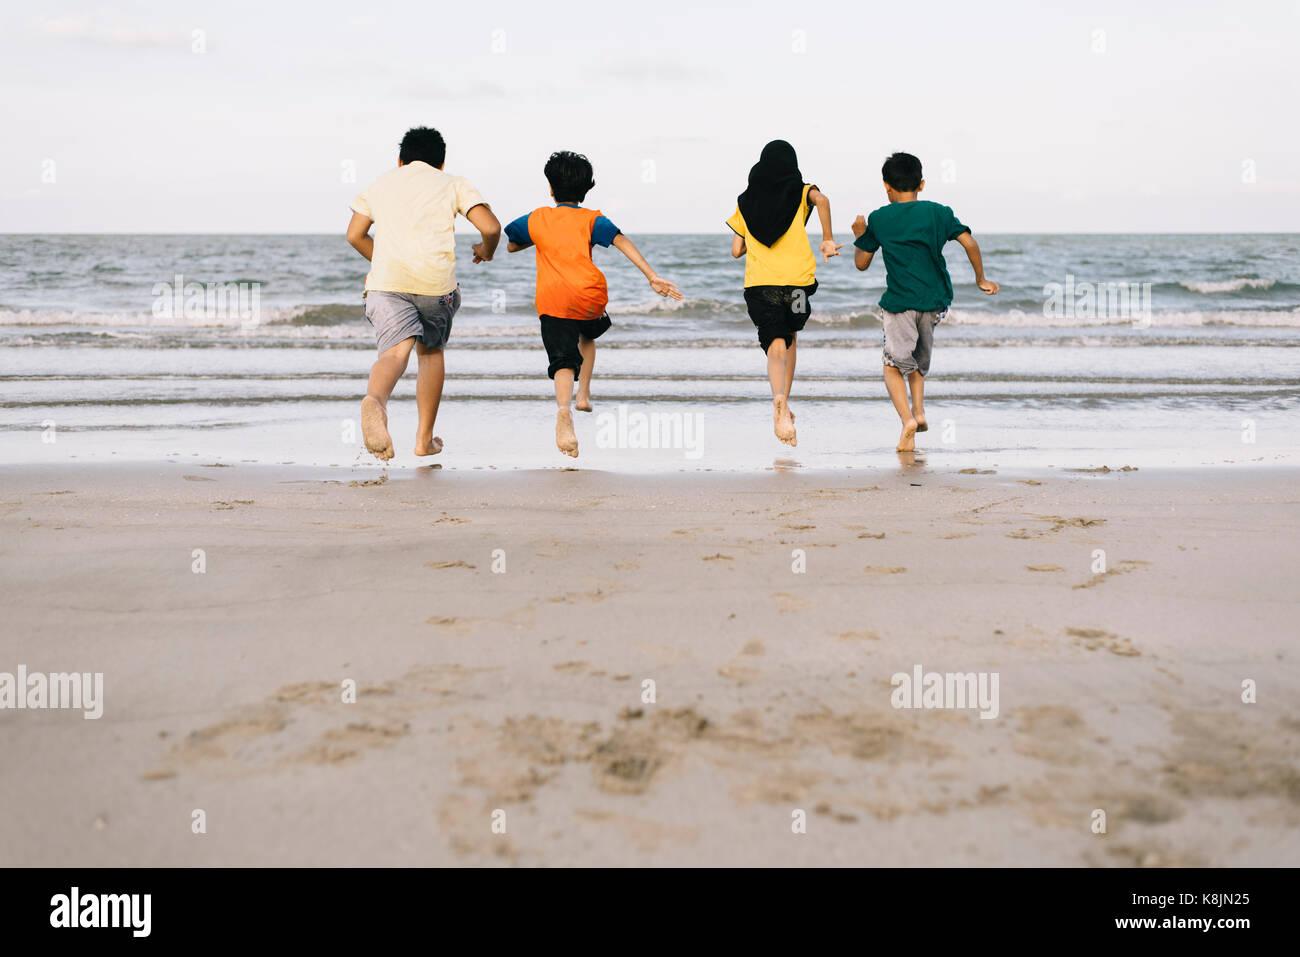 Niños corriendo en la playa juntos.amistad concepto.Concepto de familia.Concepto de vacaciones Imagen De Stock